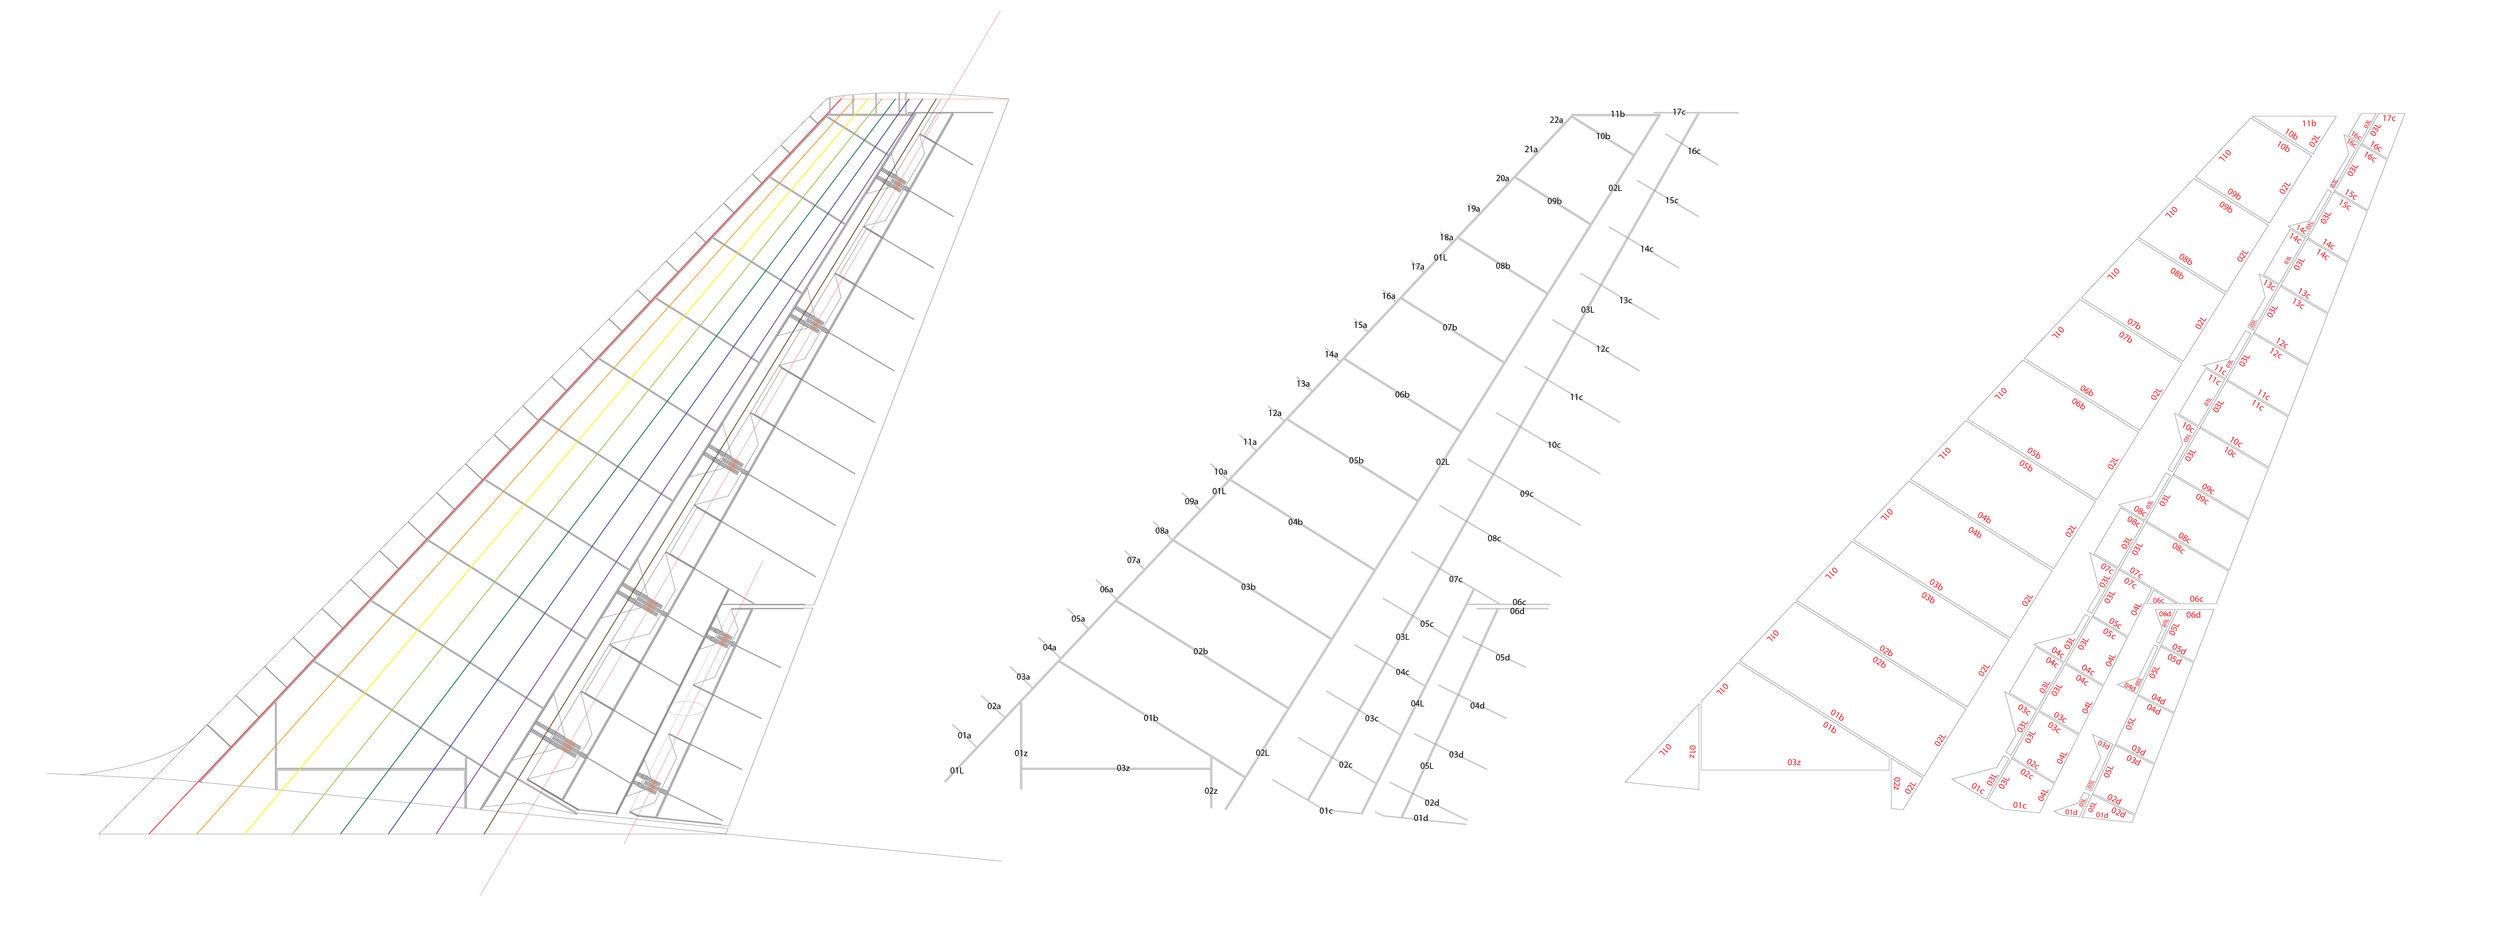 Tail - drawings 2.jpg